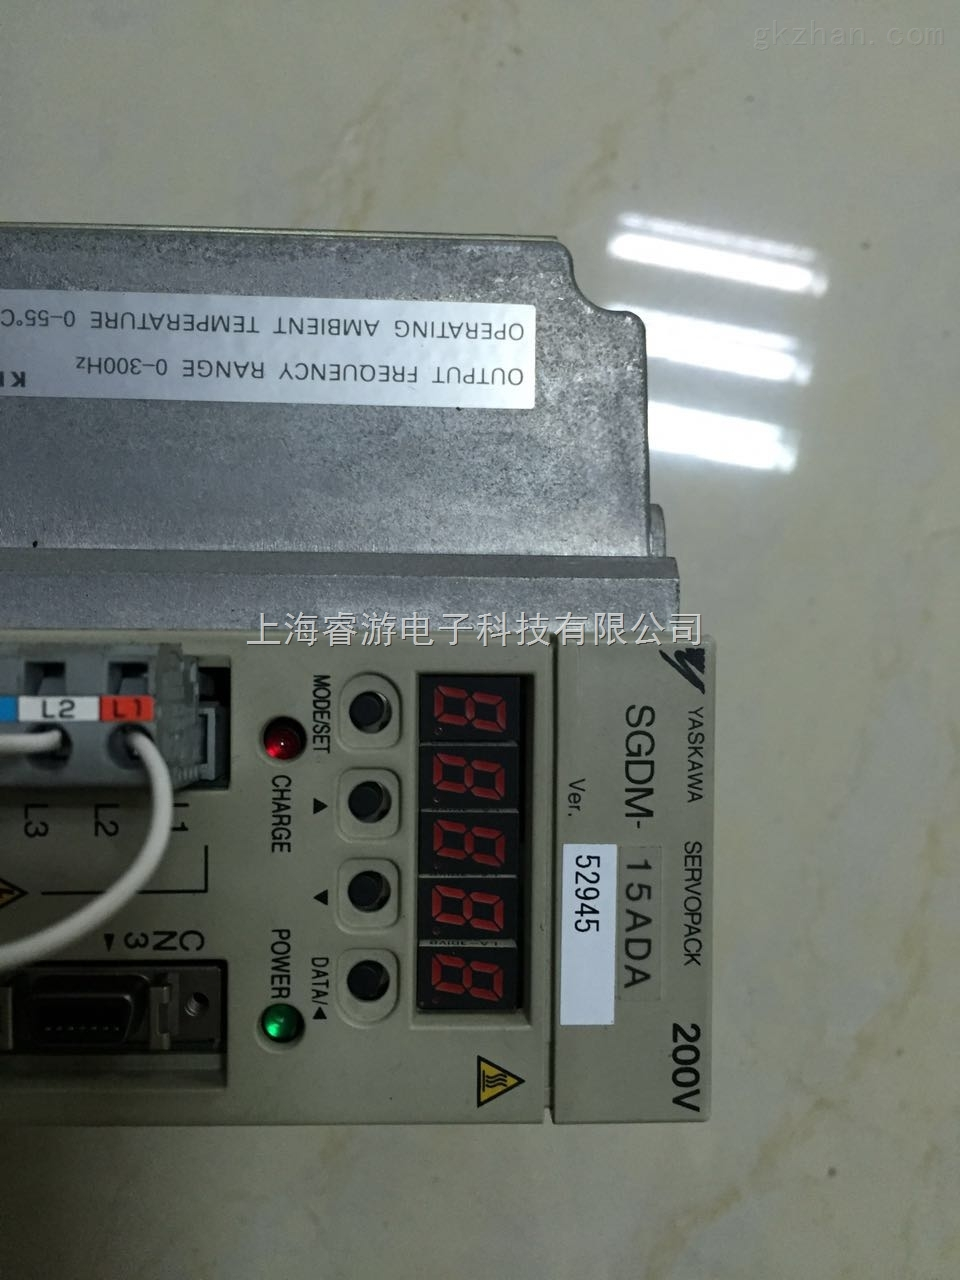 哪里可以维修上海安川伺服驱动器SGDH-02BE